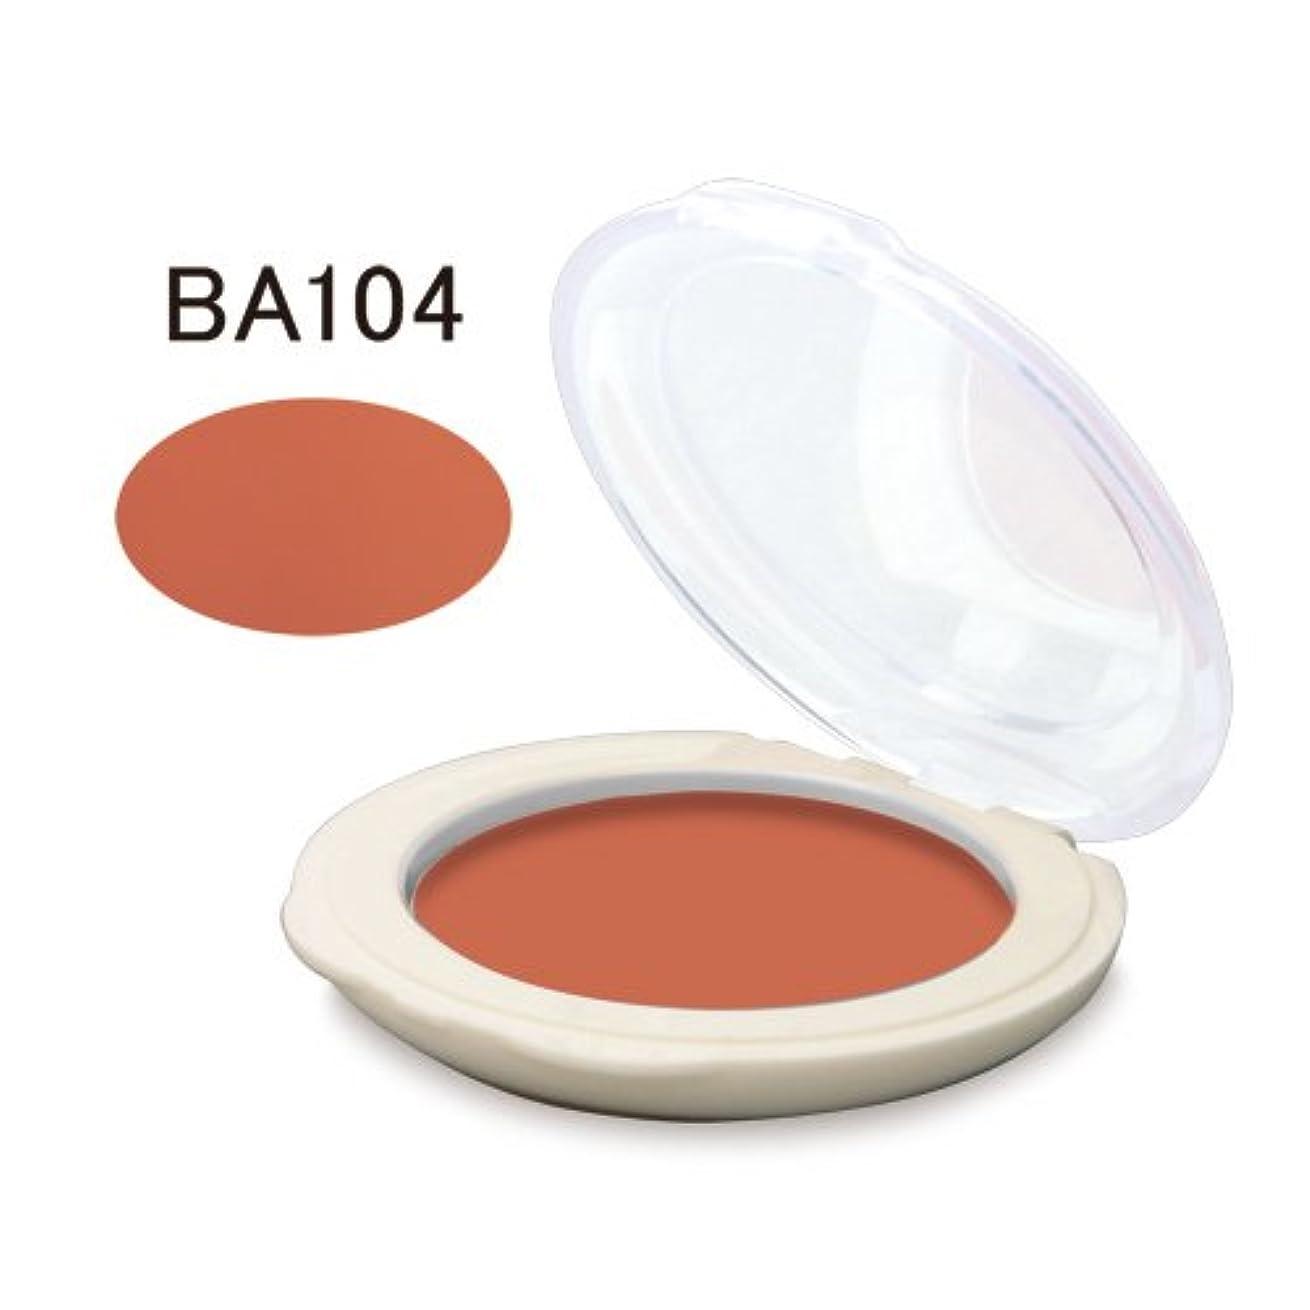 発掘するとてもクロニクル舞台屋リップ(マット系) (BA104)